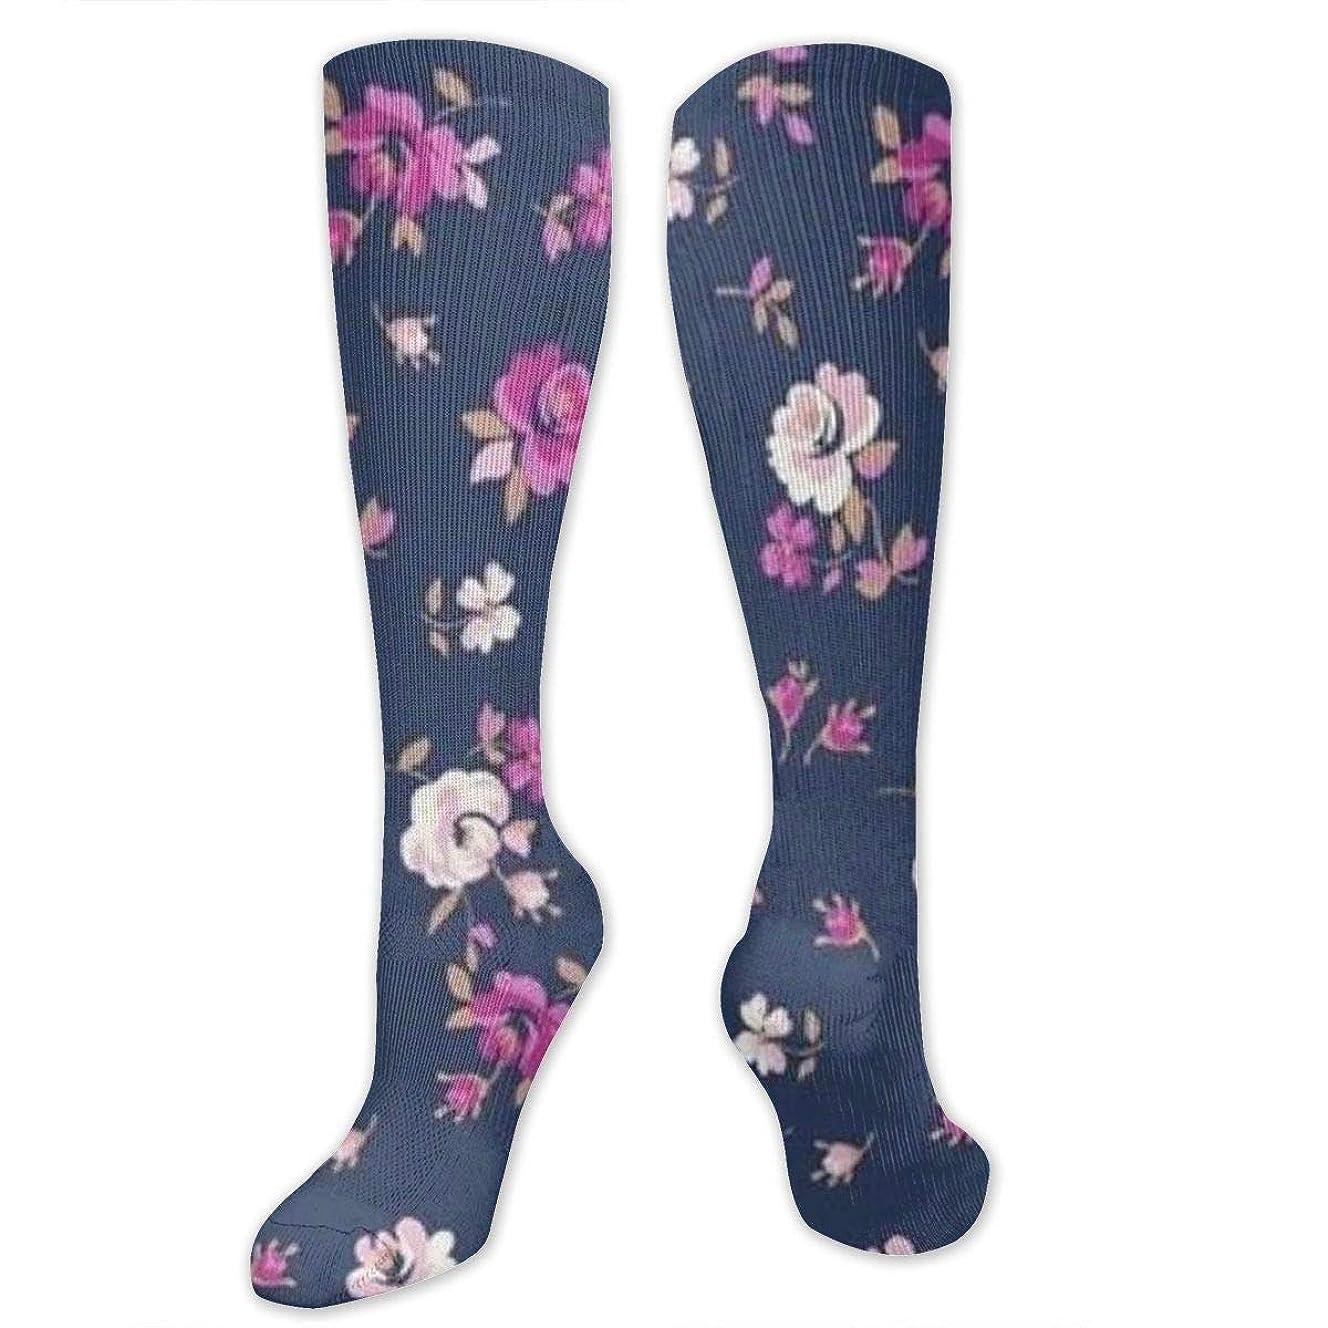 知覚できる進むに靴下,ストッキング,野生のジョーカー,実際,秋の本質,冬必須,サマーウェア&RBXAA Floral Vintage Flower (3) Socks Women's Winter Cotton Long Tube Socks Cotton Solid & Patterned Dress Socks